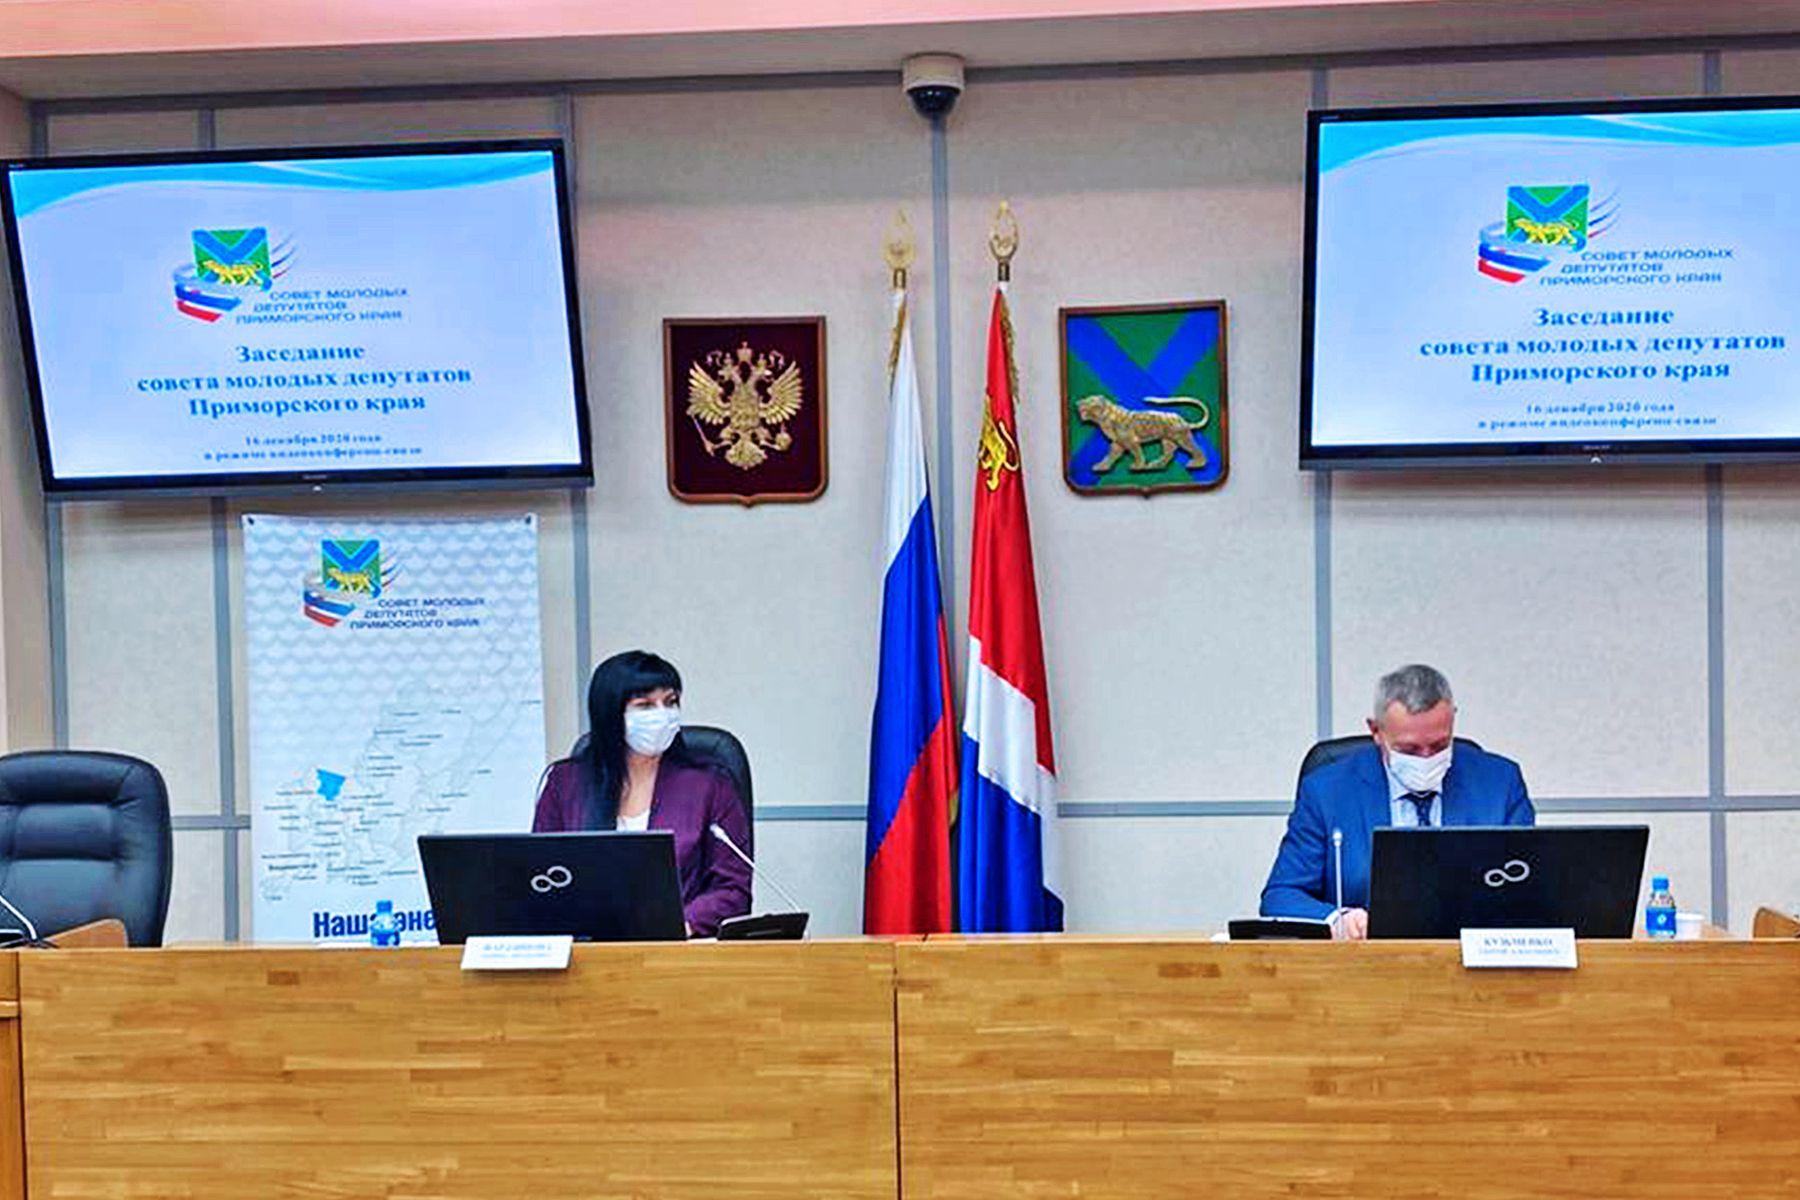 Специалисты кафедры экономики и управления ВГУЭС совместно с молодыми парламентариями Приморского края работают над проблемой закрепления кадров в регионе